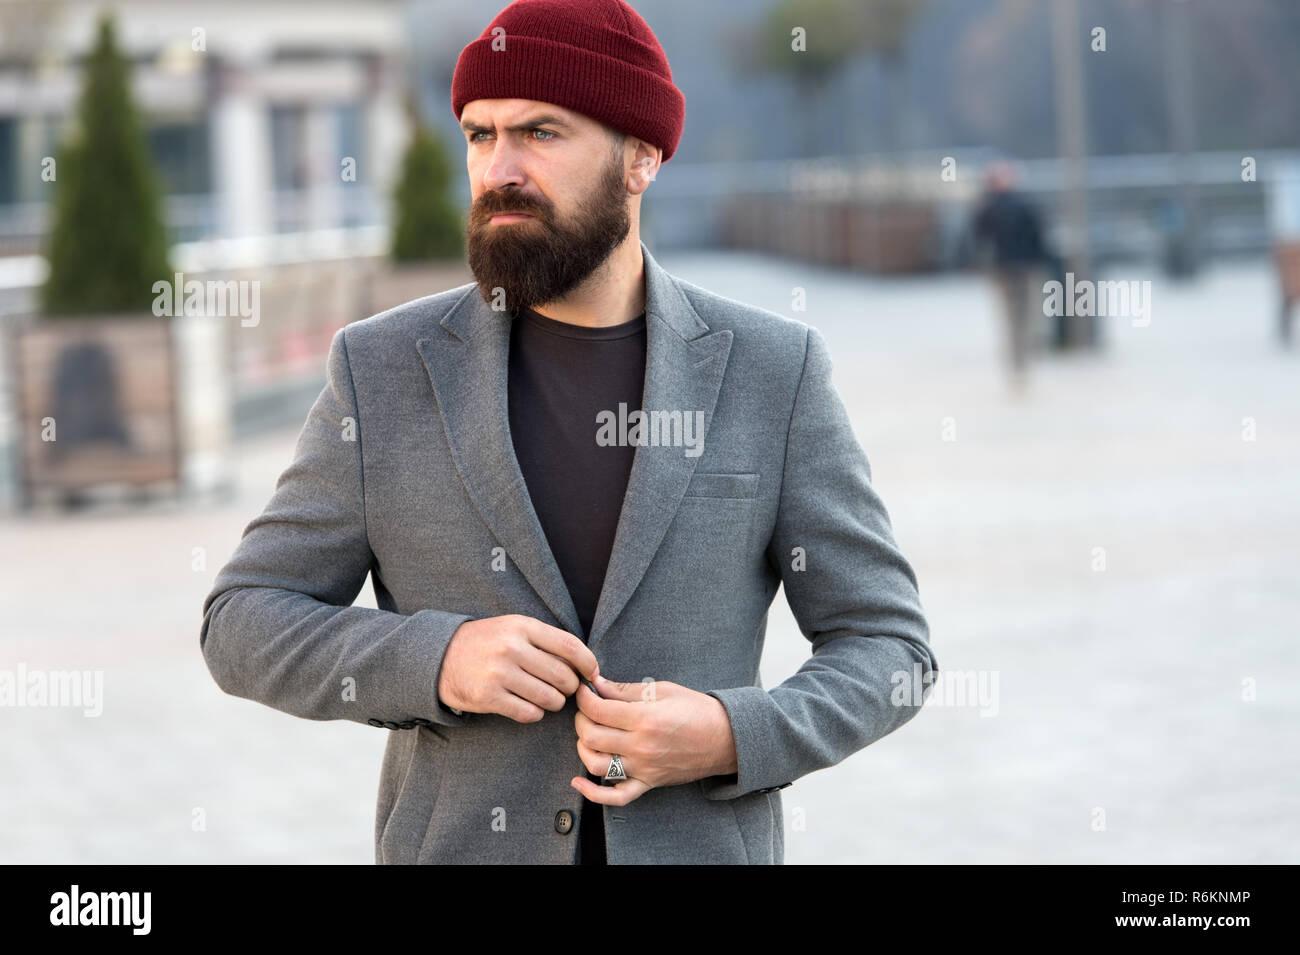 9ed1ef24d082 Elegante Abito casual per autunno e inverno. Abbigliamento uomo maschio ed  un concetto di moda. Uomo Barbuto hipster elegante Cappotto alla moda.